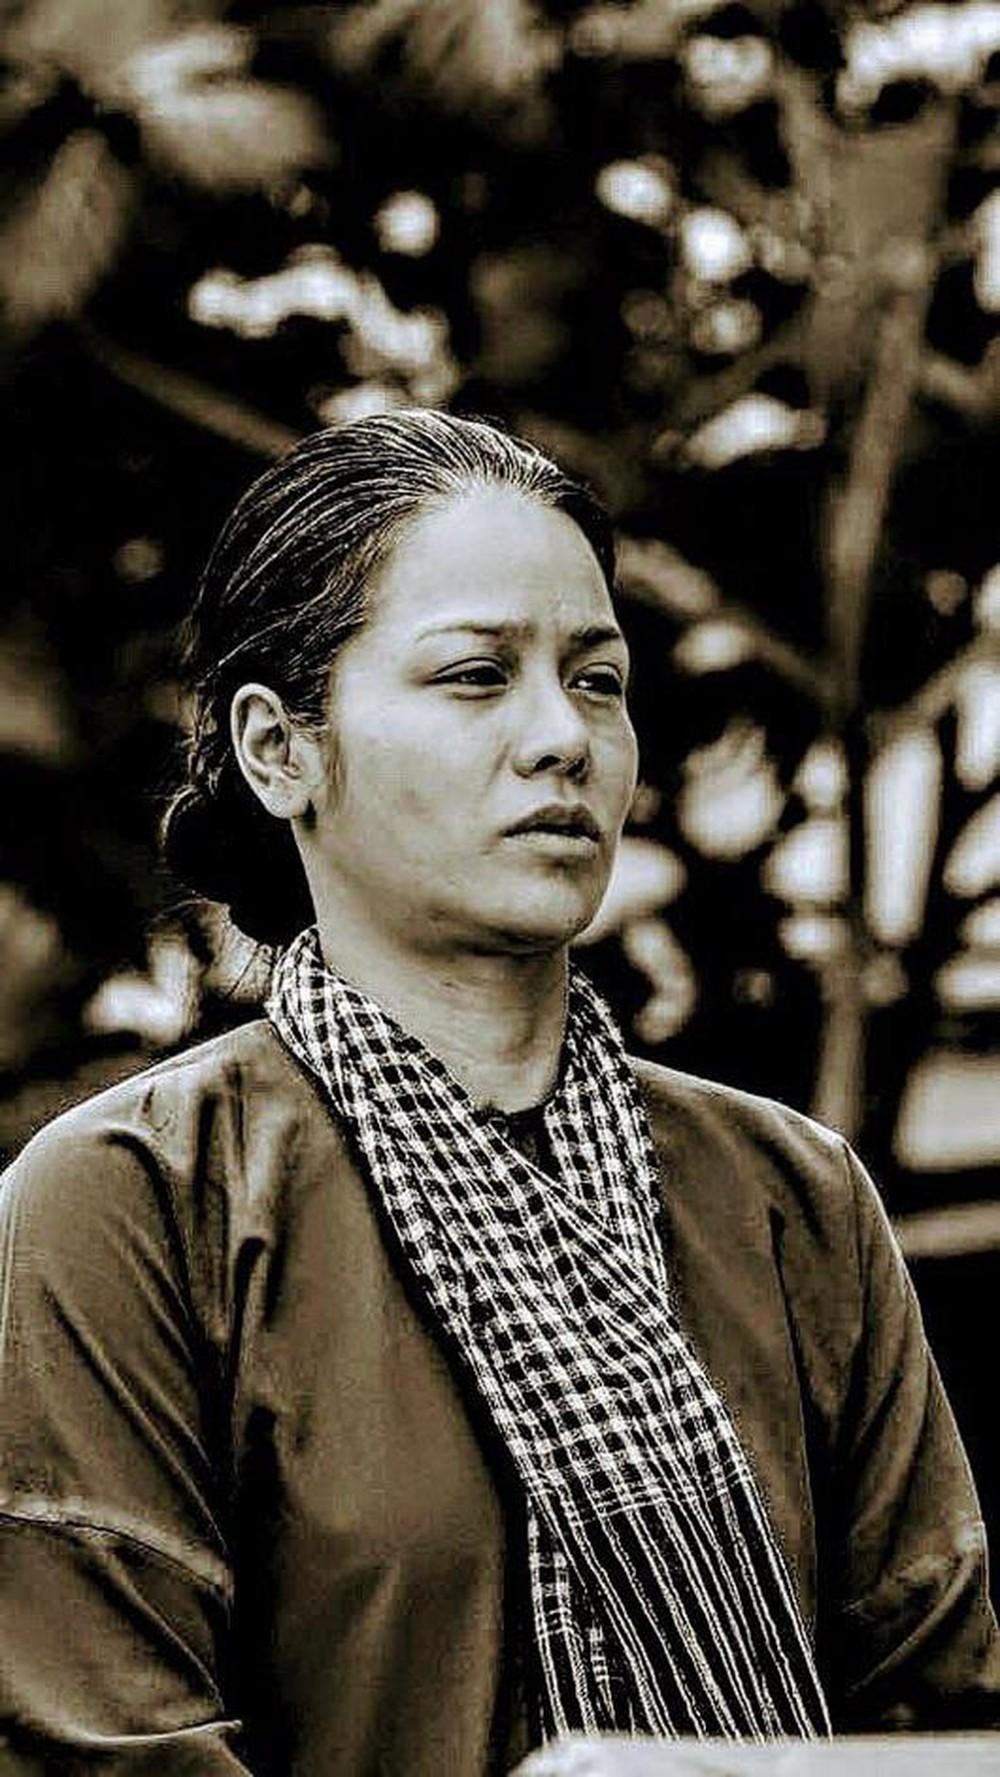 Ai là nữ hoàng phim bi của màn ảnh nhỏ Việt? 13